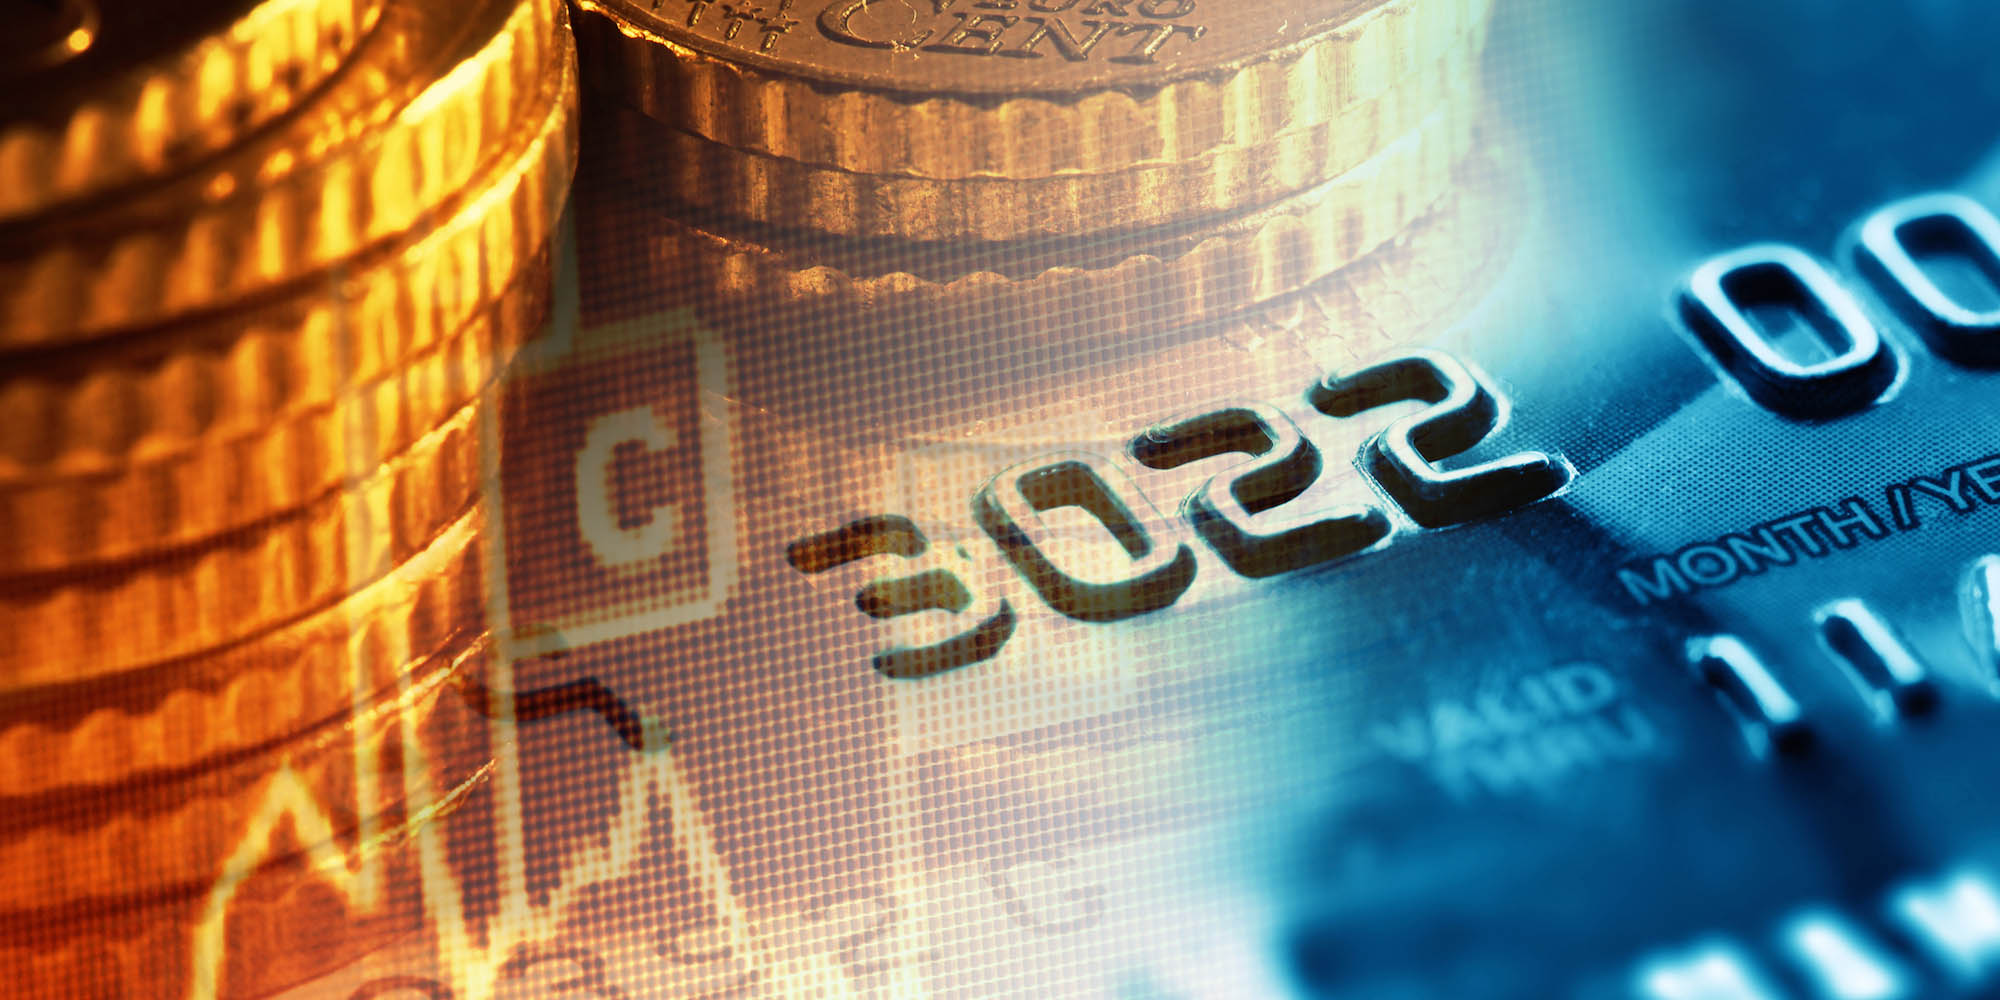 عملکرد مبهم بانکها در طرح کارت اعتباری خرید کالا